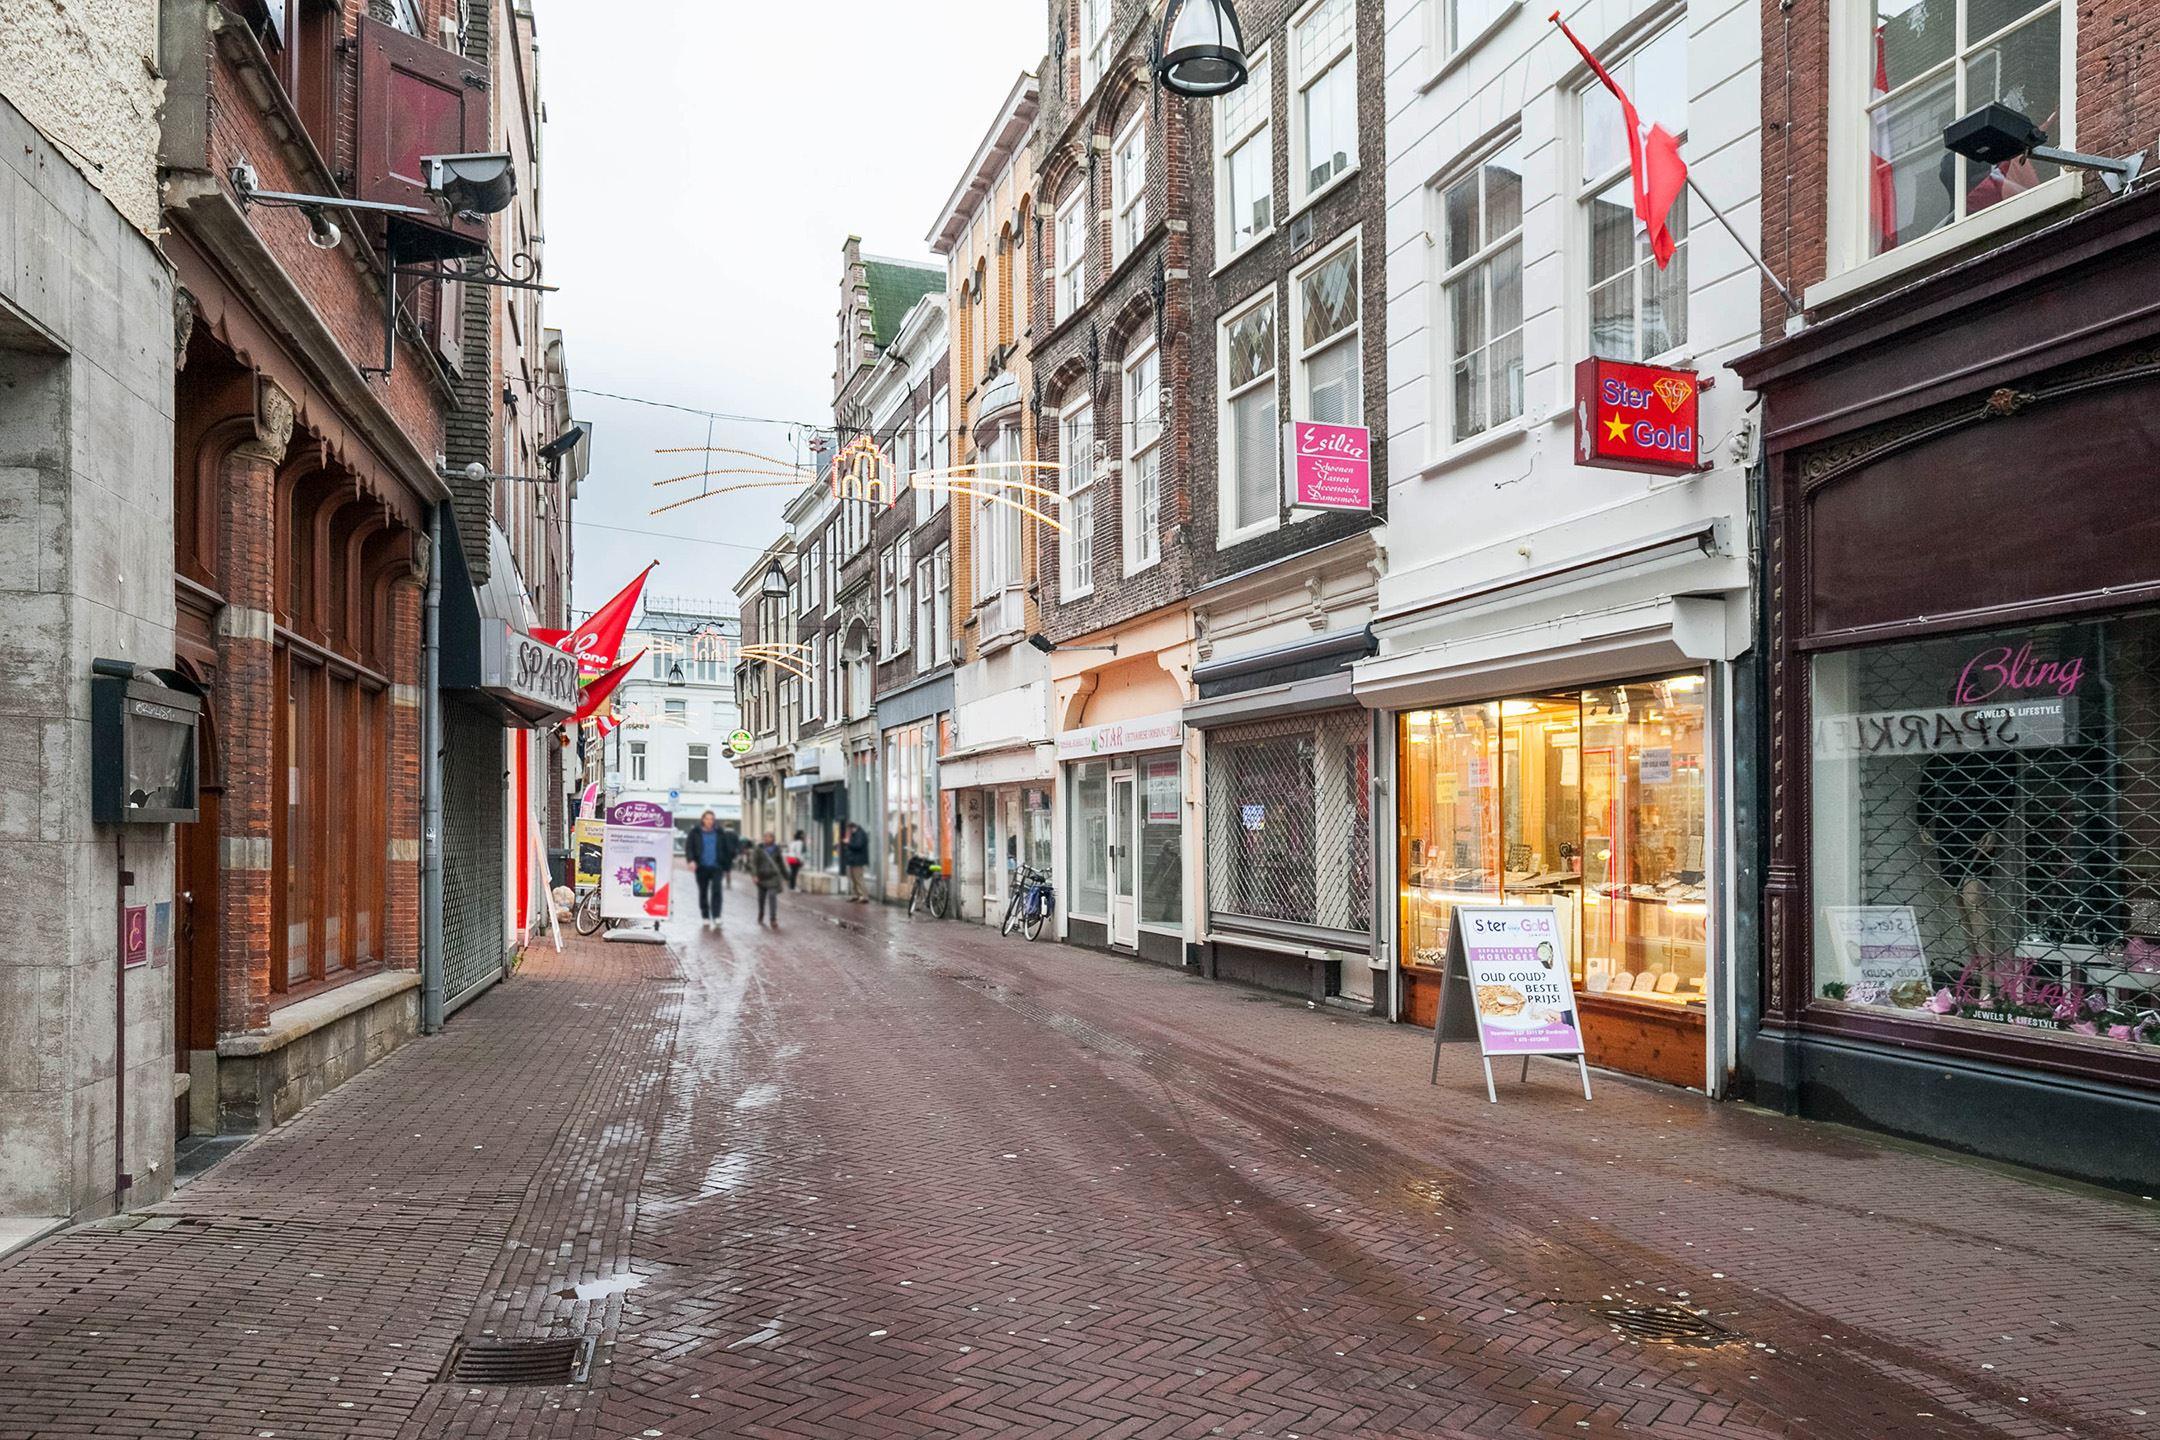 Winkel dordrecht zoek winkels te koop voorstraat 331 for Mijn huis op funda